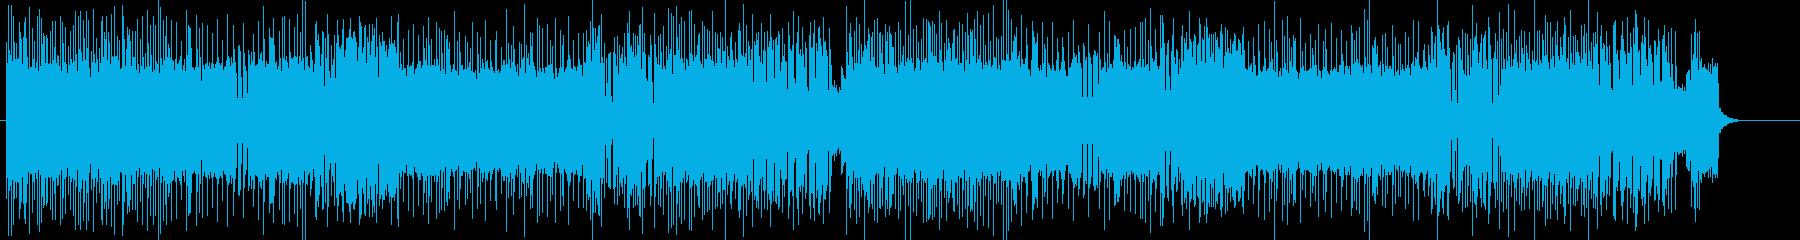 「HR/HM」「DARK/DEATH」の再生済みの波形